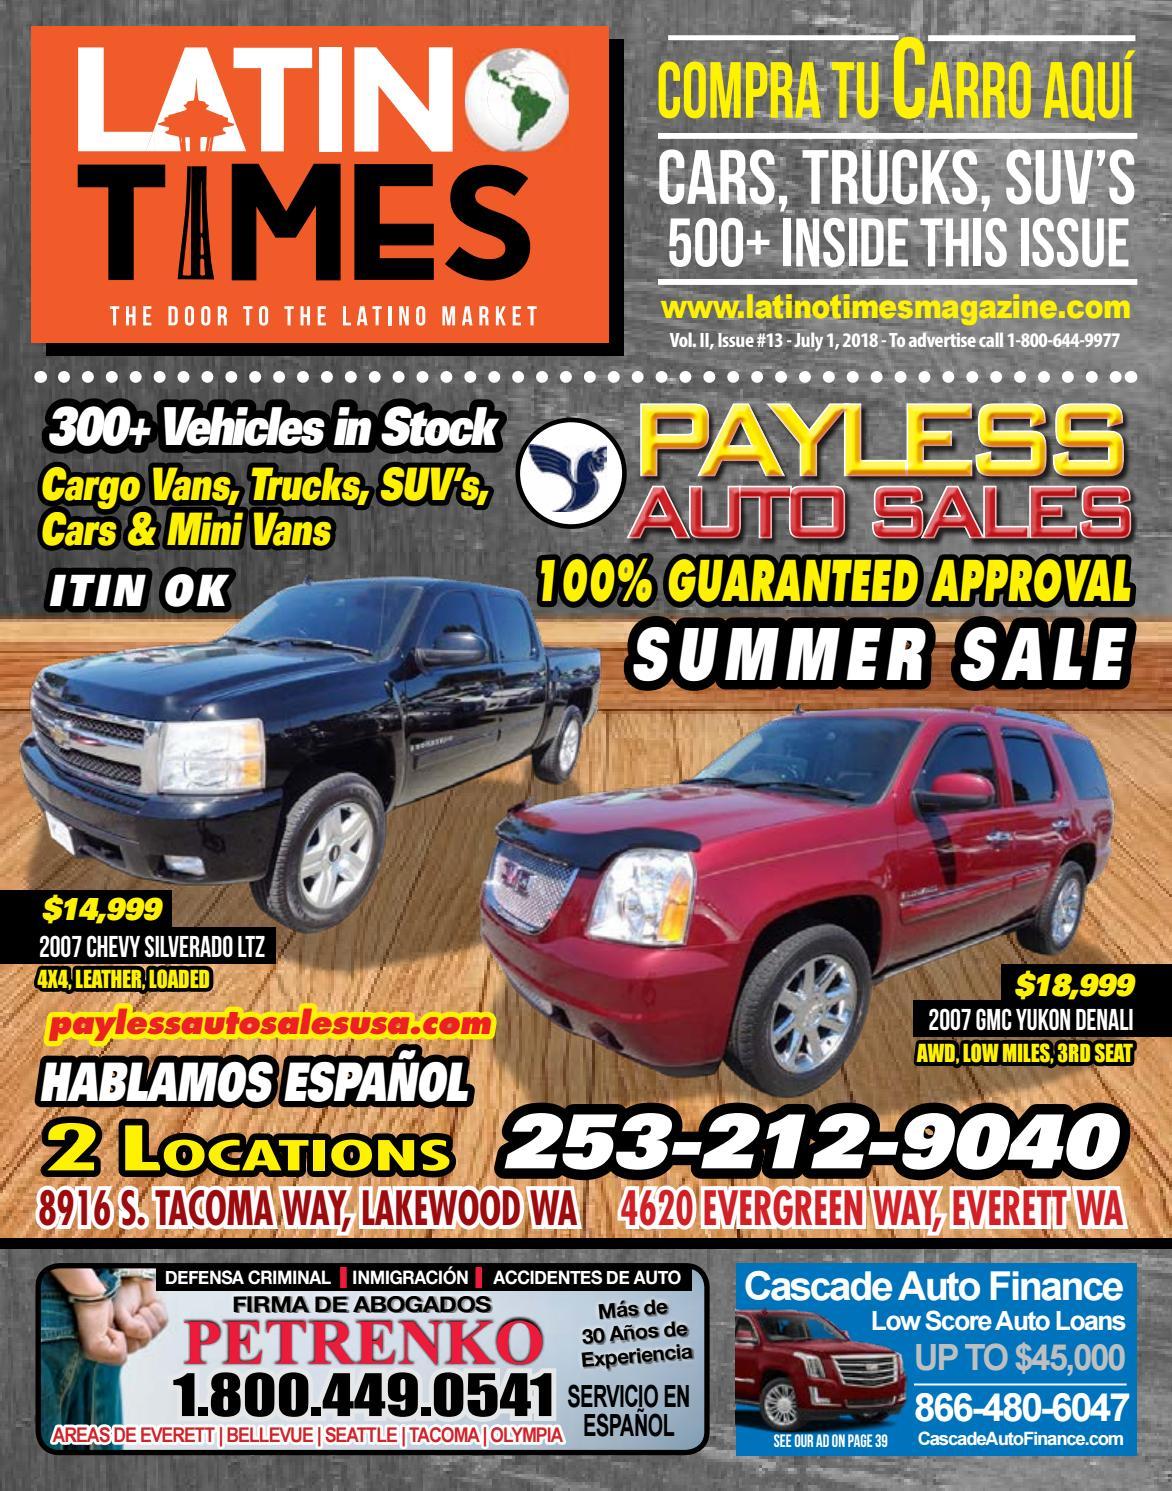 Latino Times #13. July 1, 2018 by LatinoTimes - issuu